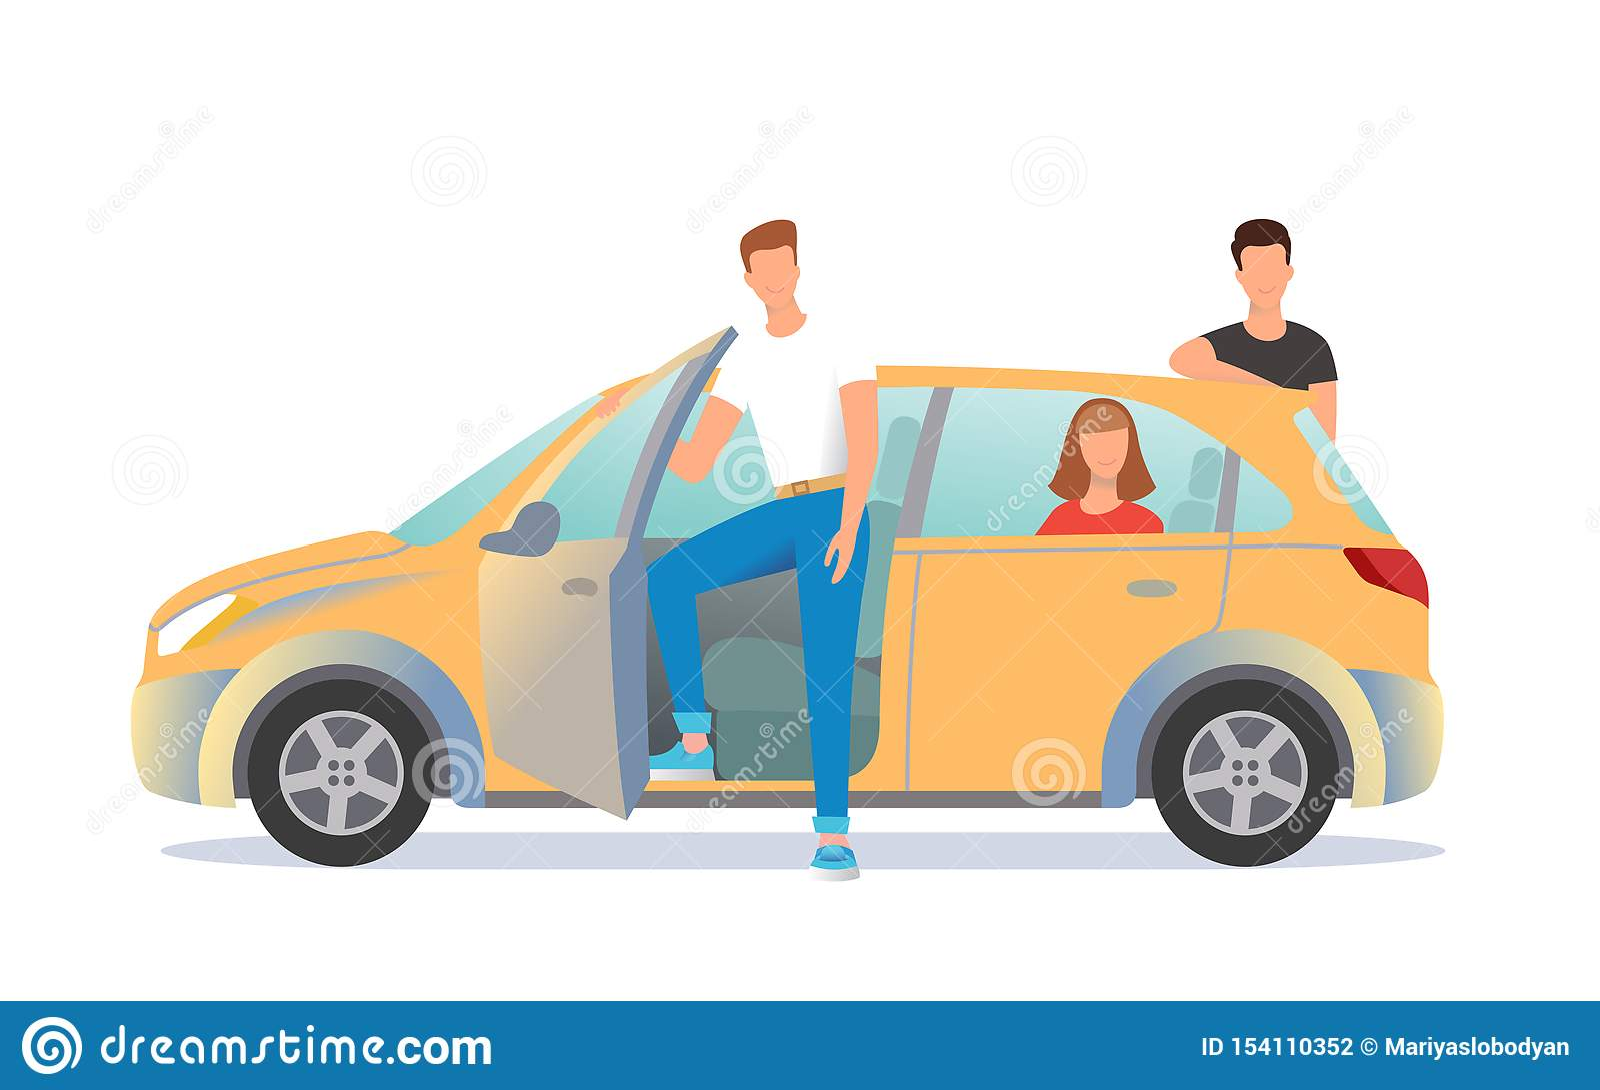 Ilustração da partilha de carro Os jovens estão prontos para afastar